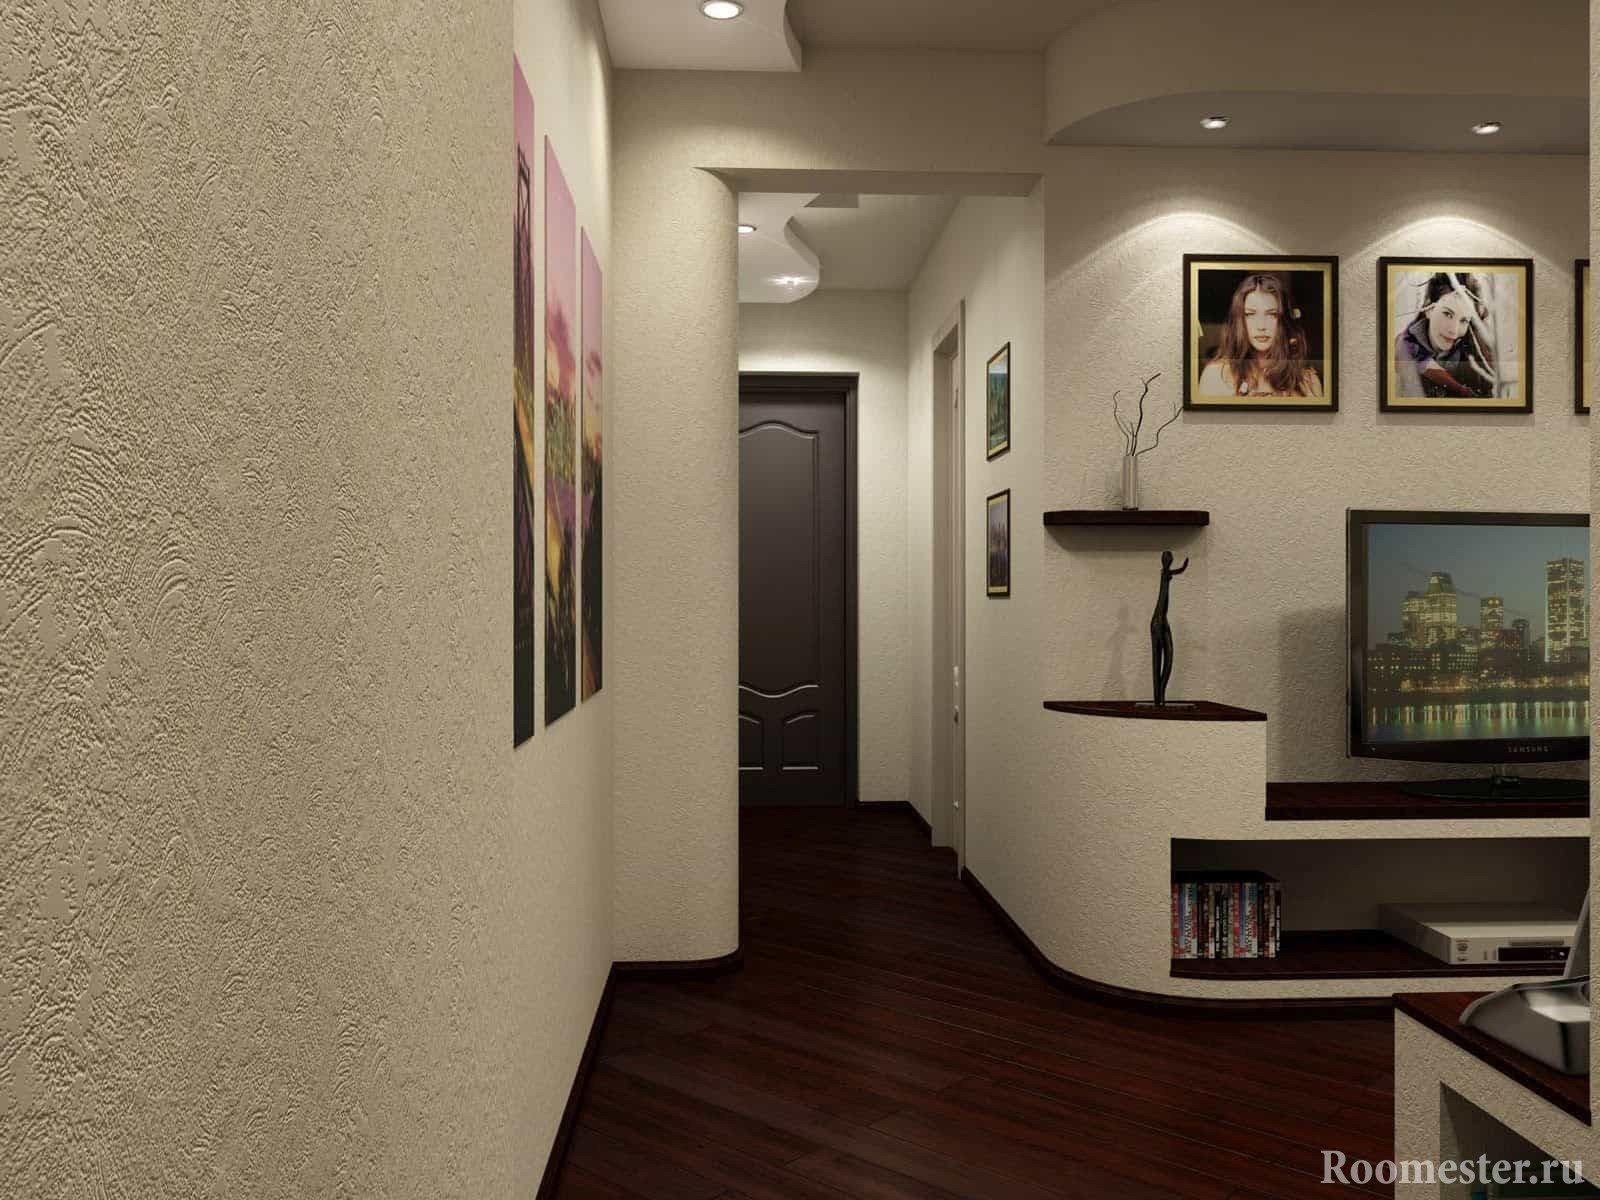 Фактурная штукатурка в отделке стен маленького коридора